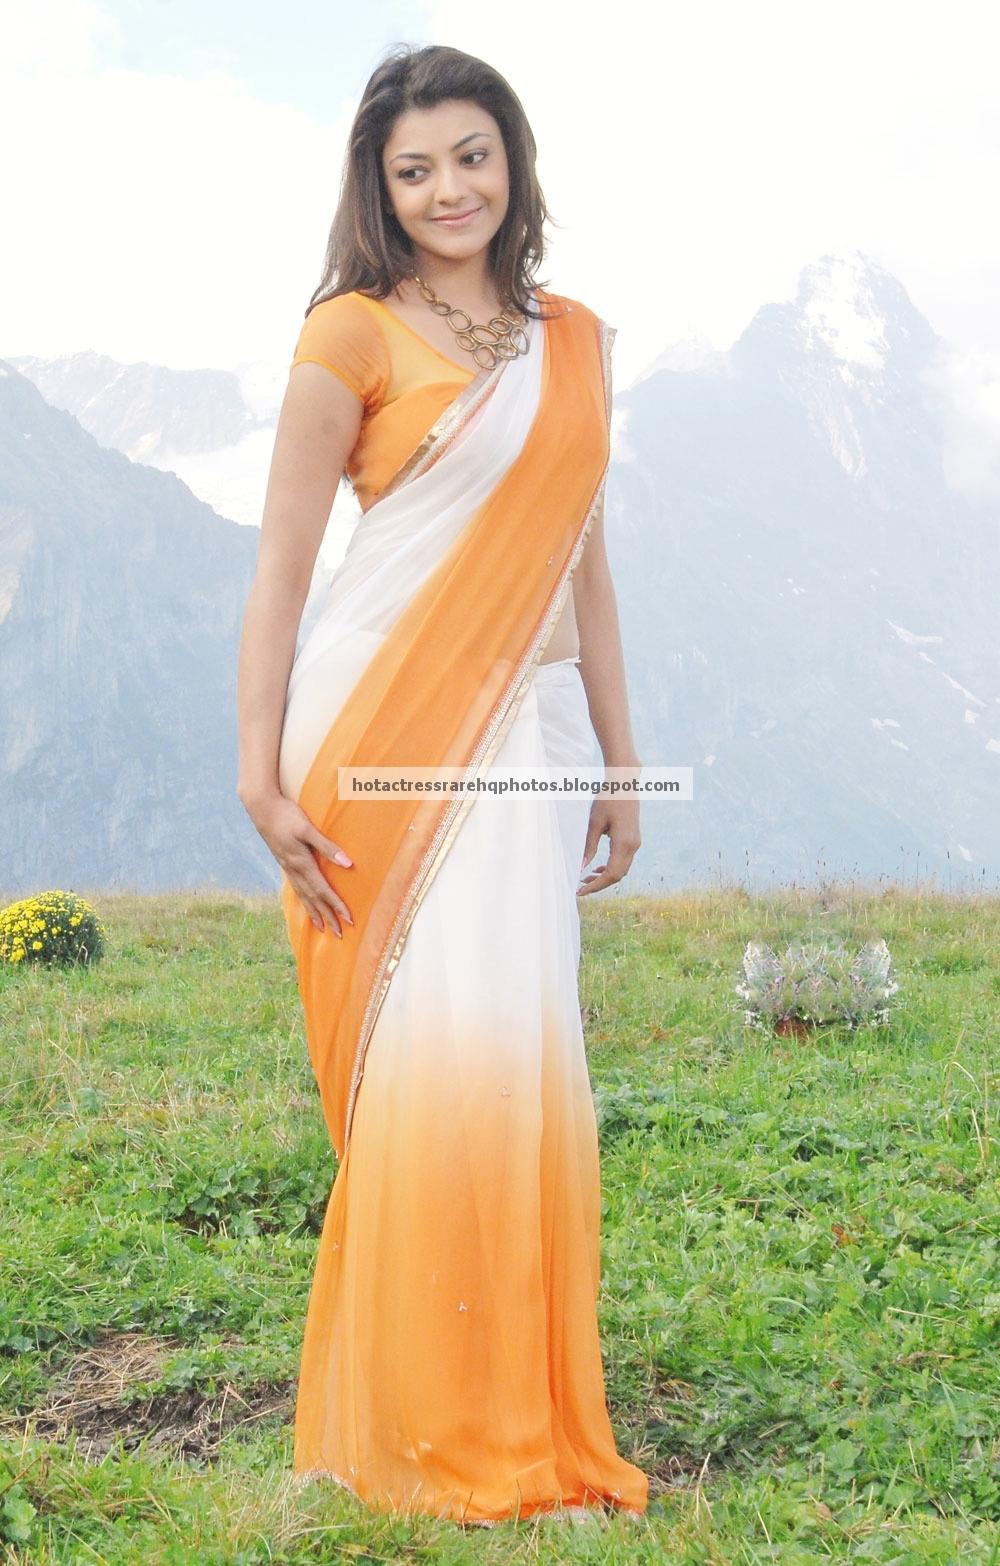 Hot Indian Actress Rare HQ Photos: Gorgeous Kajal Agarwal ...